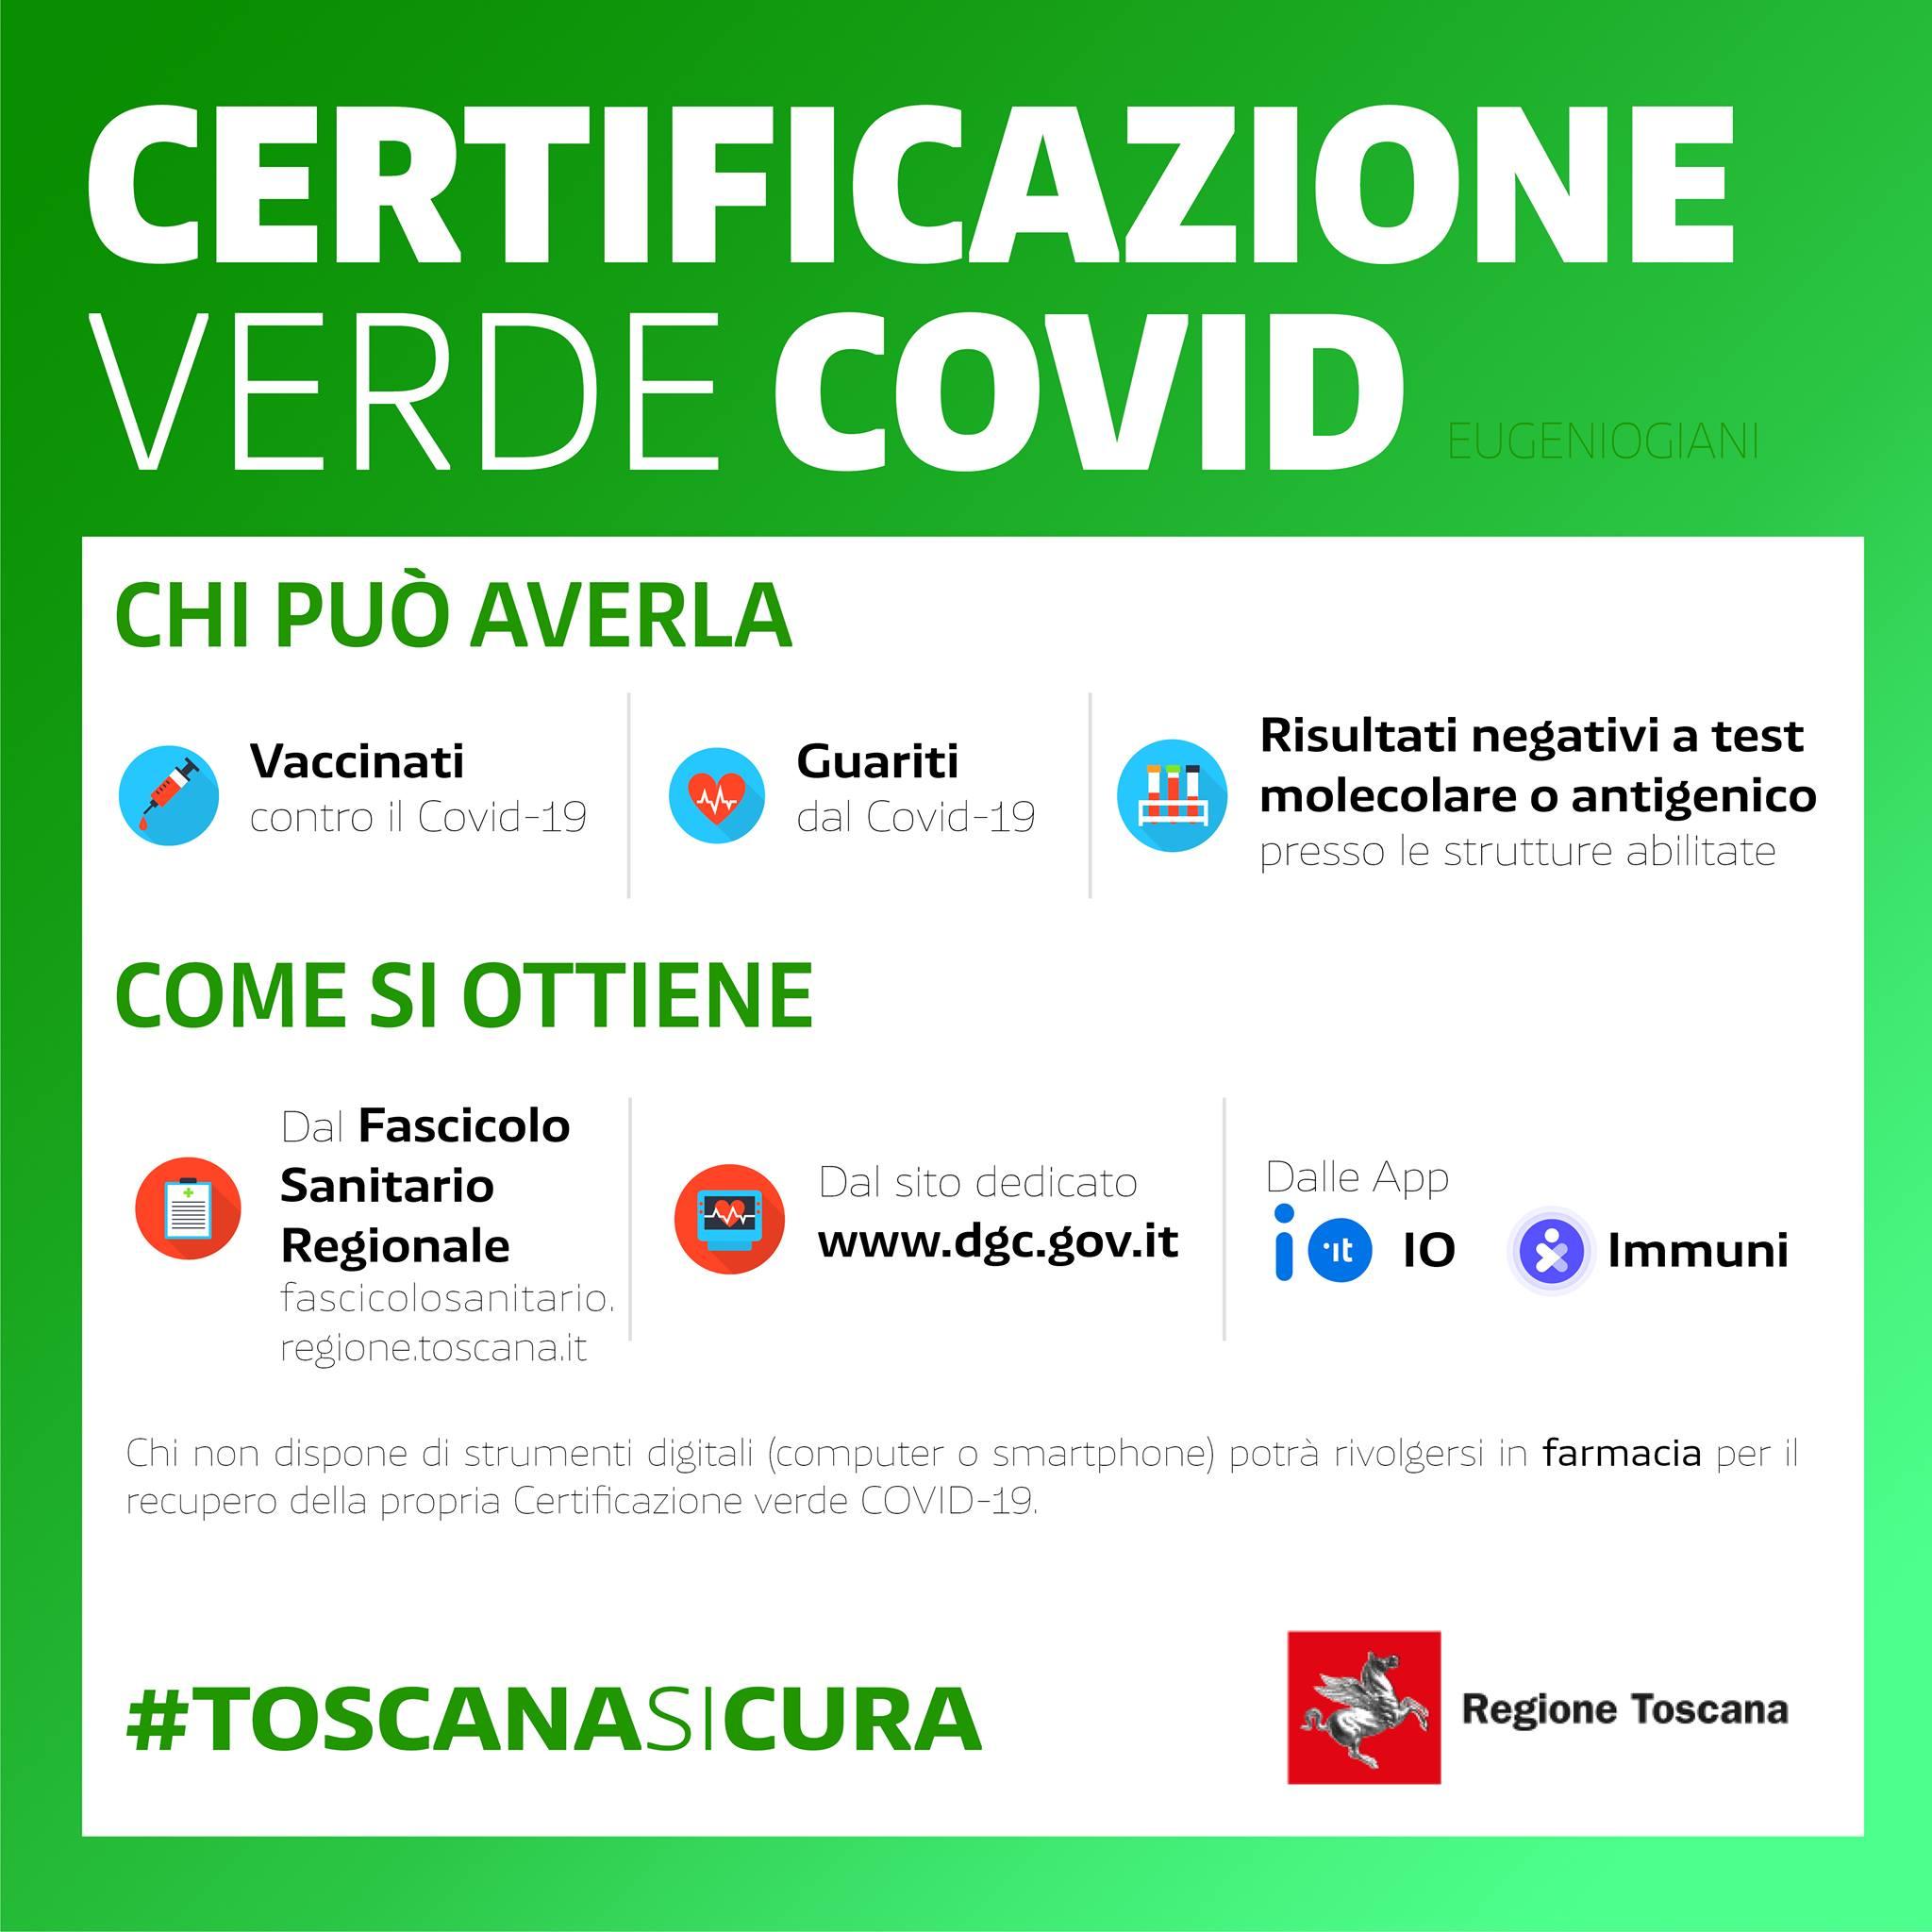 Certificato verde COVID-19: dal 6 agosto obbligatorio per l'accesso a locali ed eventi pubblici